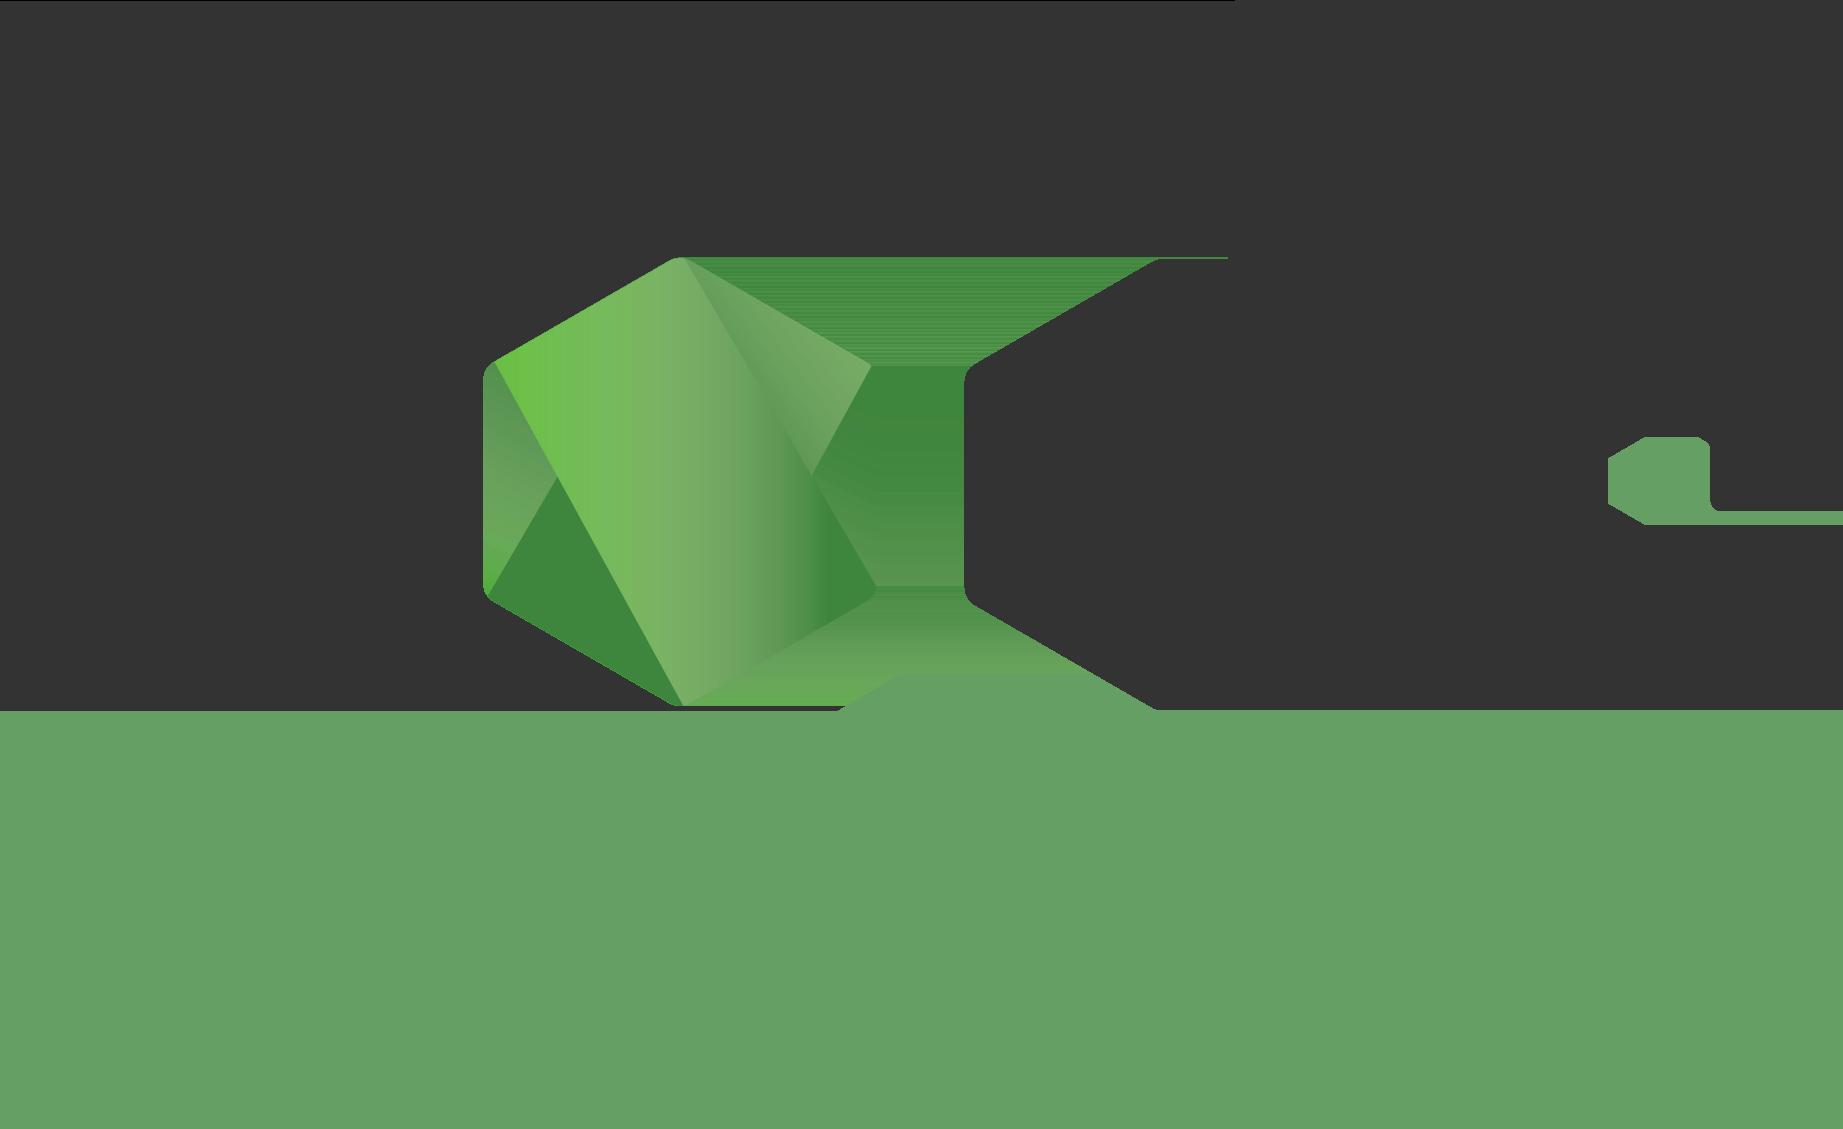 Node.js 이해하기 - 기초 / 입문